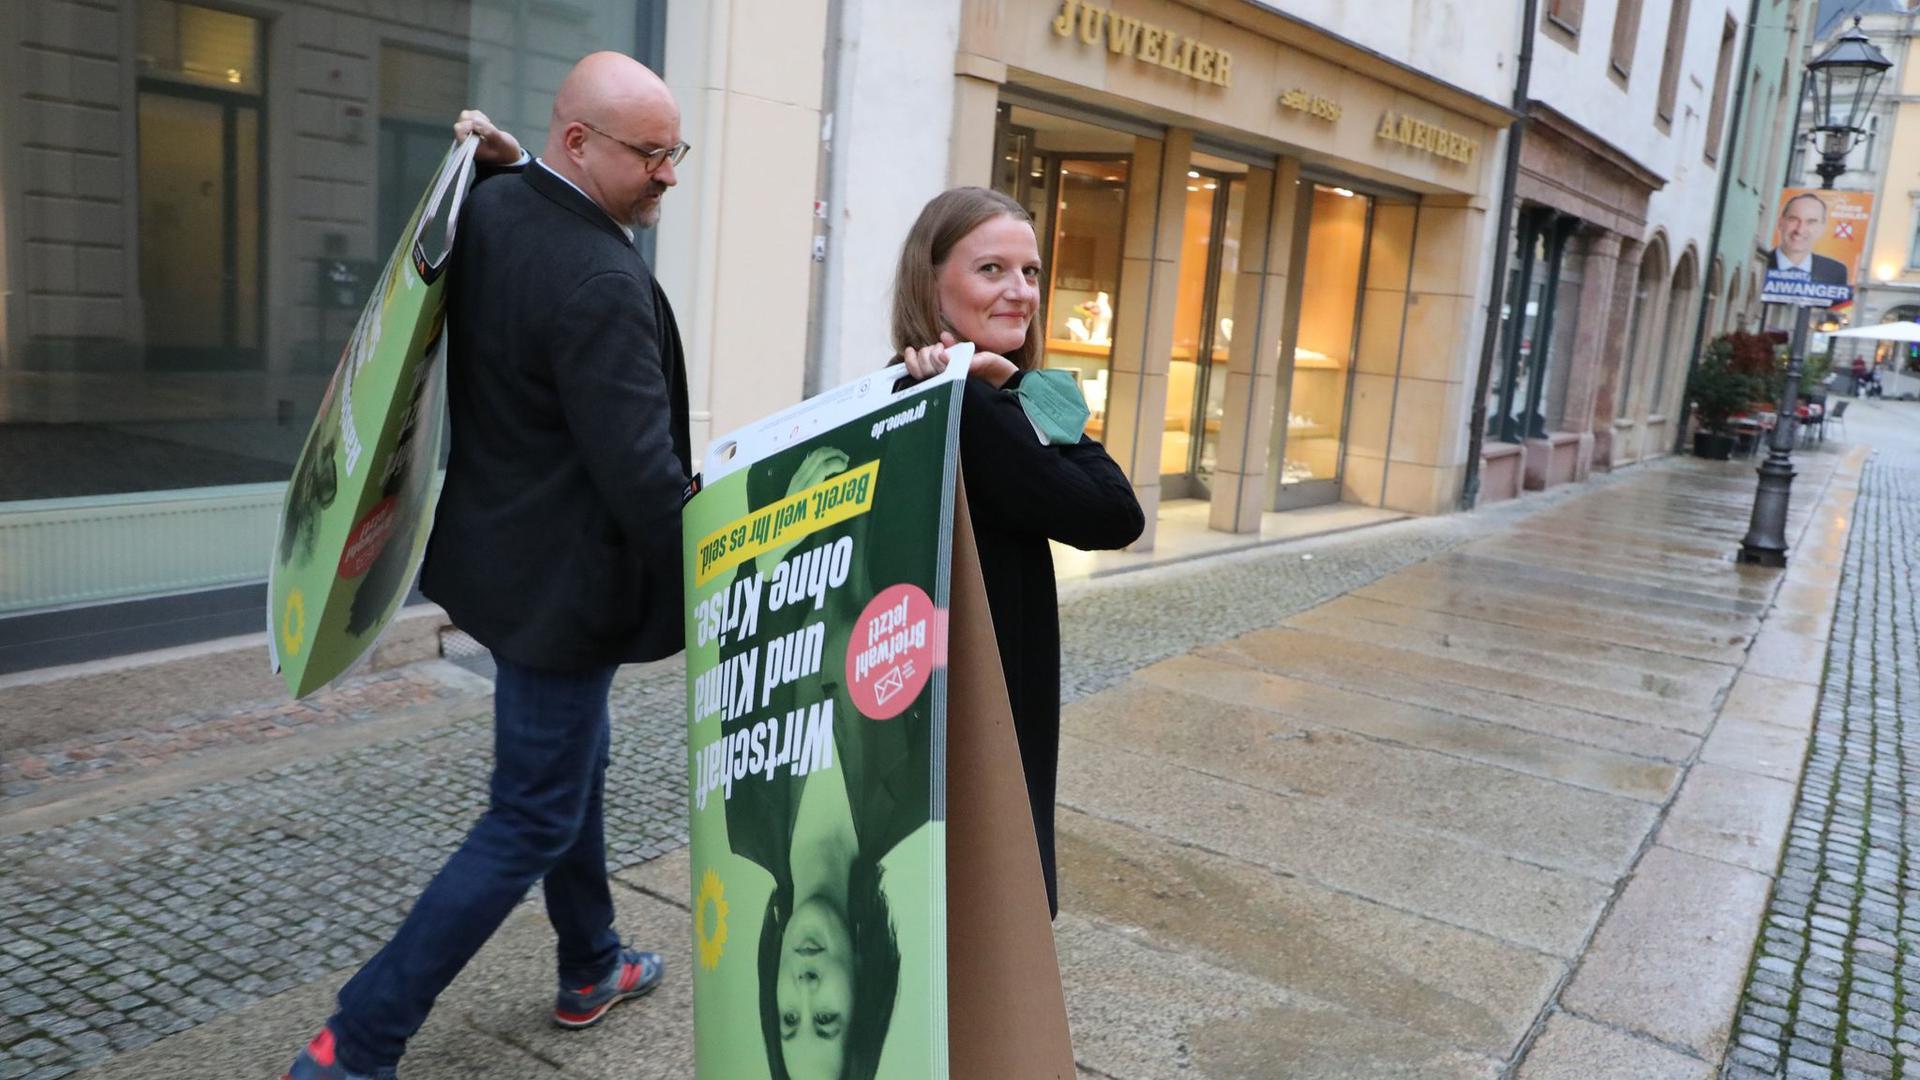 Wolfgang Wetzel, (l) Spitzenkandidat der Grünen und Christin Furtenbacher, Landesvorstandssprecherin der Grünen in Sachsen, laufen mit Wahlplakaten durch die Innenstadt von Zwickau.